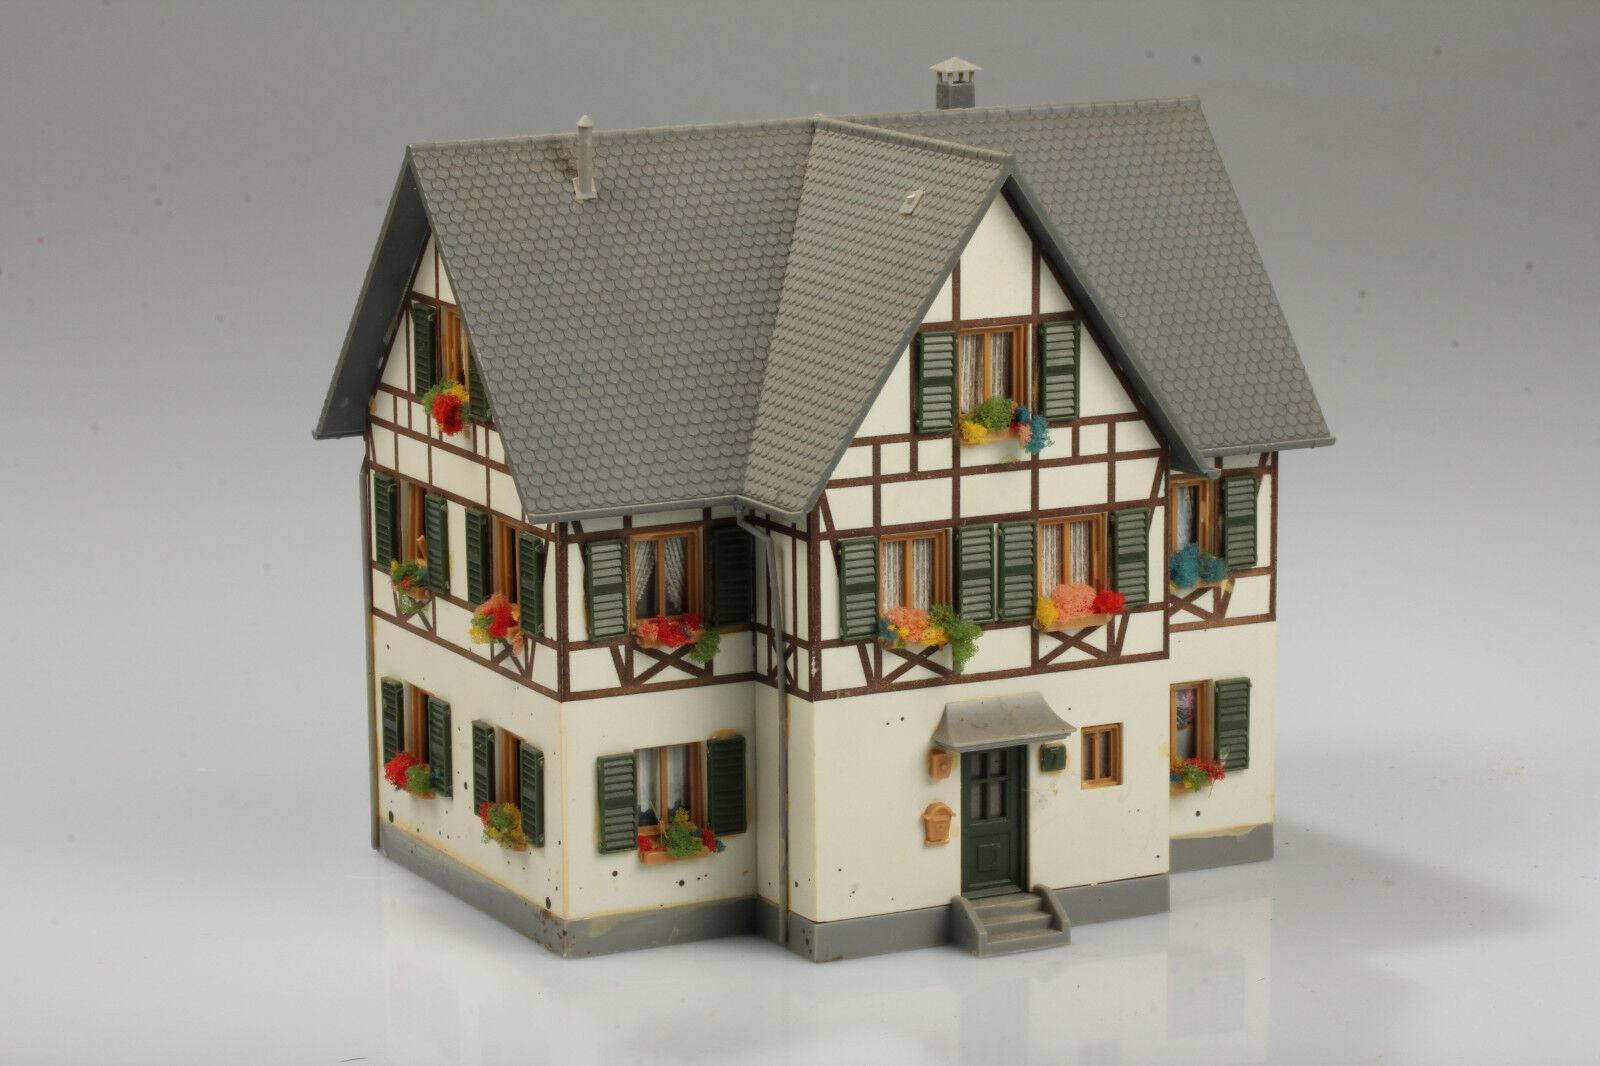 H0 Faller Casa  Vivienda en Sur de Alemania  Suciedad Defectos Arañazo